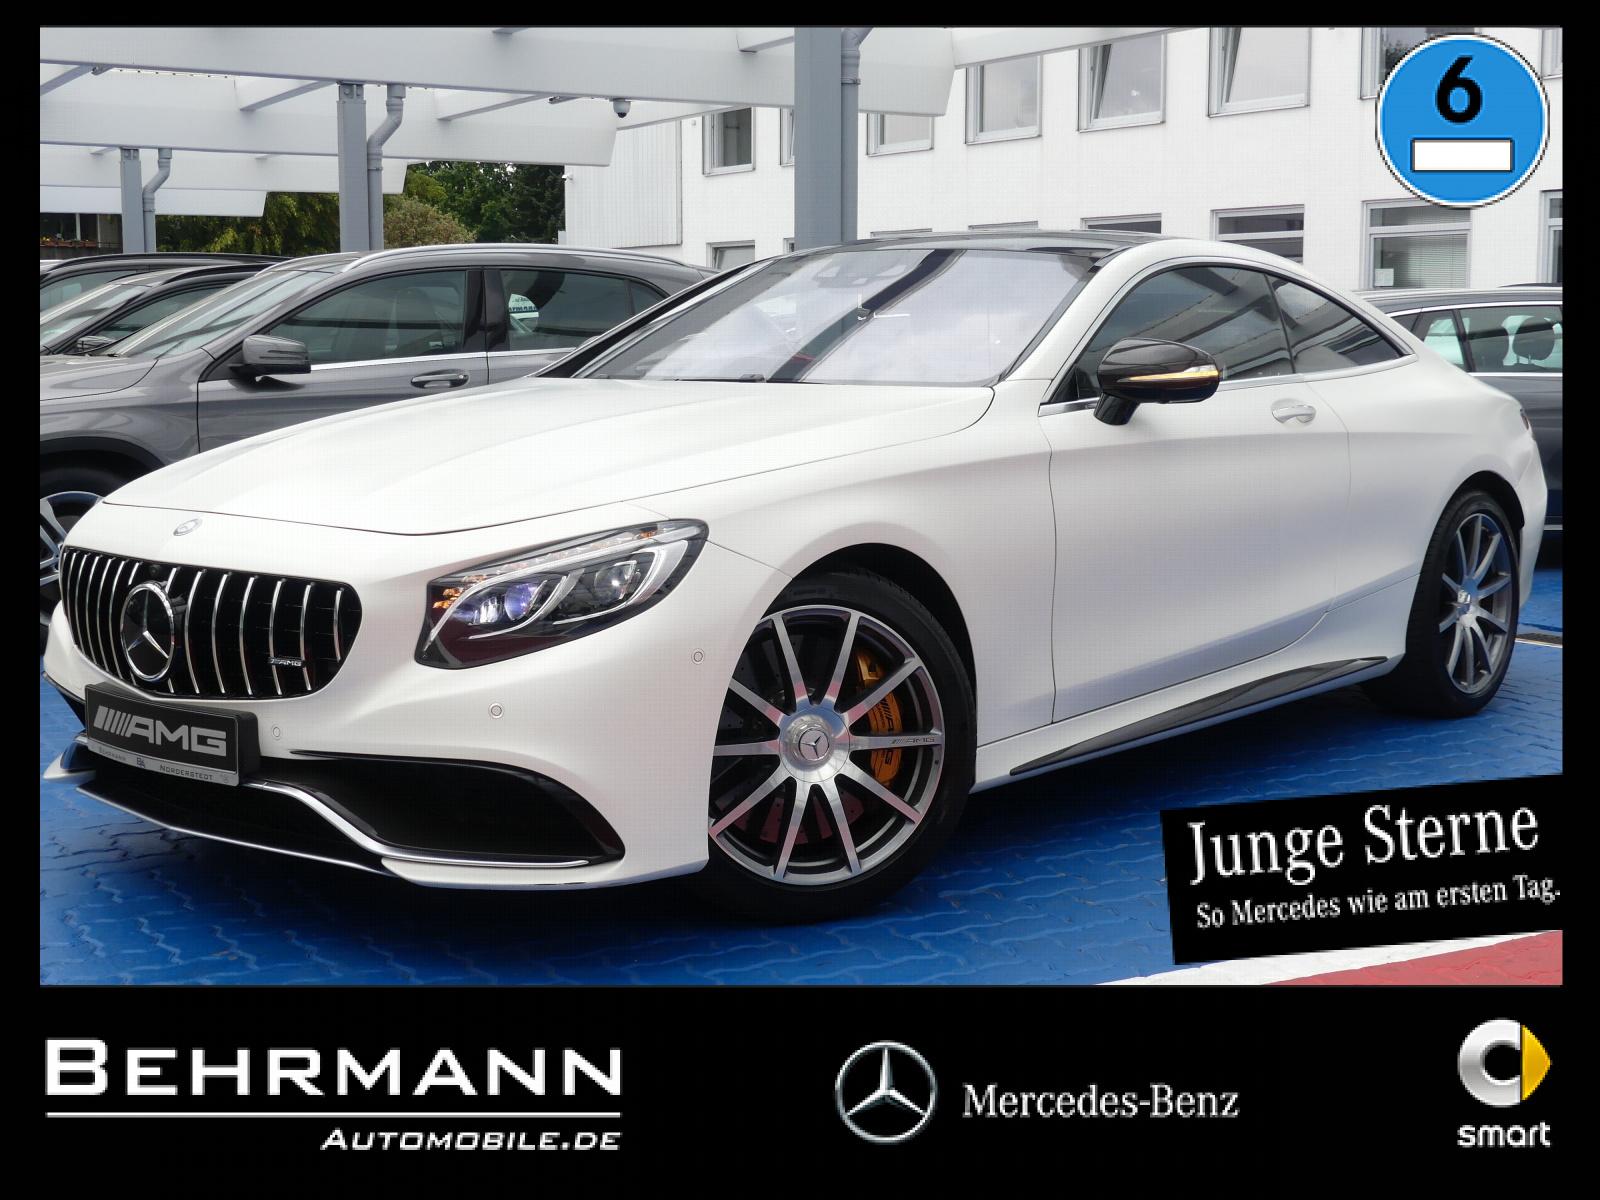 Mercedes-Benz S 63 4M Coupé AMG+Drivers Package+TV+Air Balance, Jahr 2015, Benzin